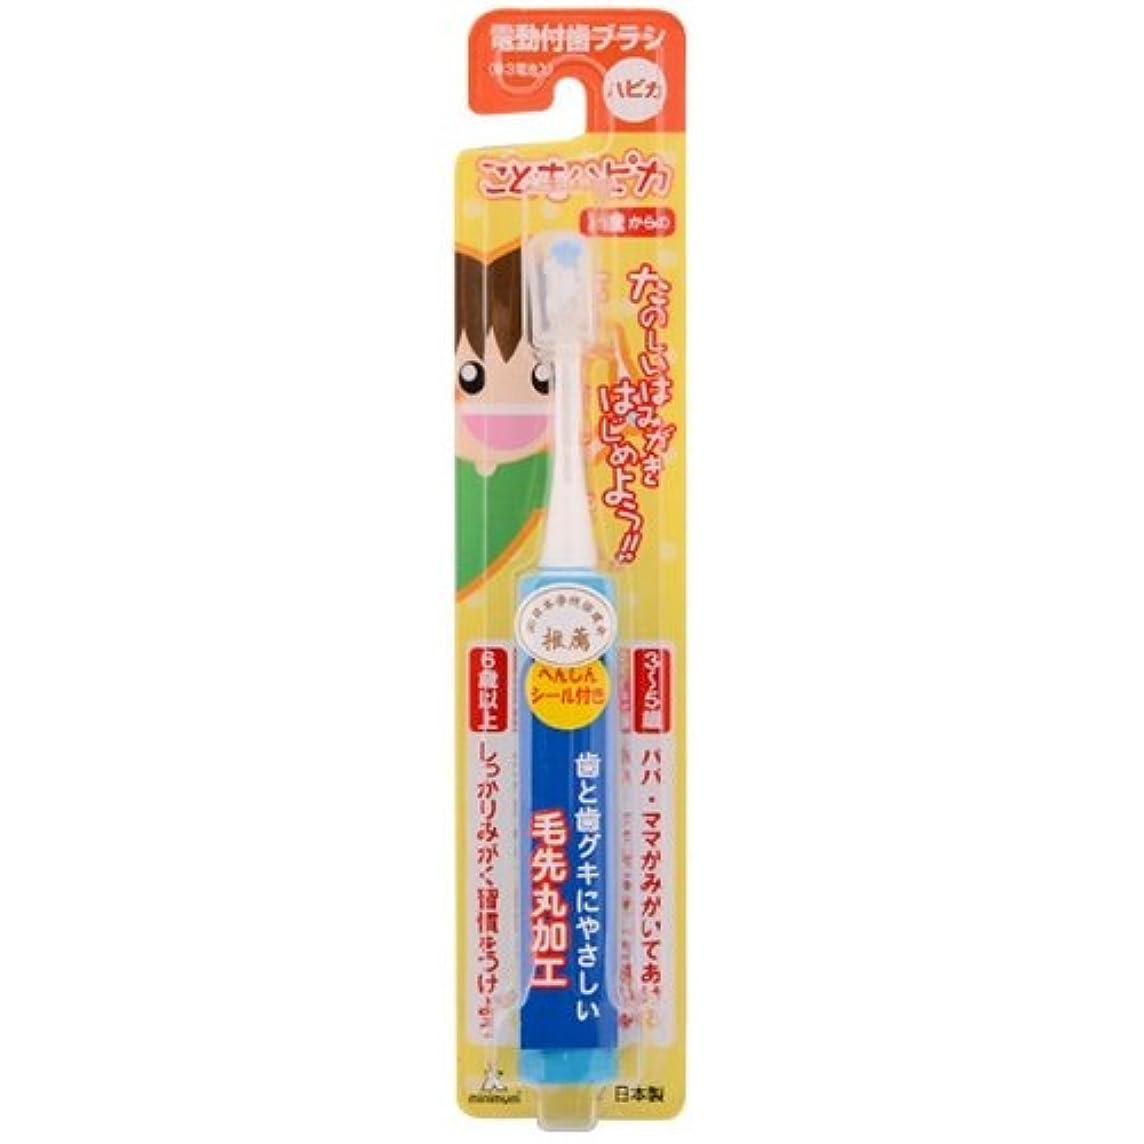 シーン世界の窓控えめなミニマム 電動付歯ブラシ こどもハピカ ブルー 毛の硬さ:やわらかめ DBK-1B(BP)